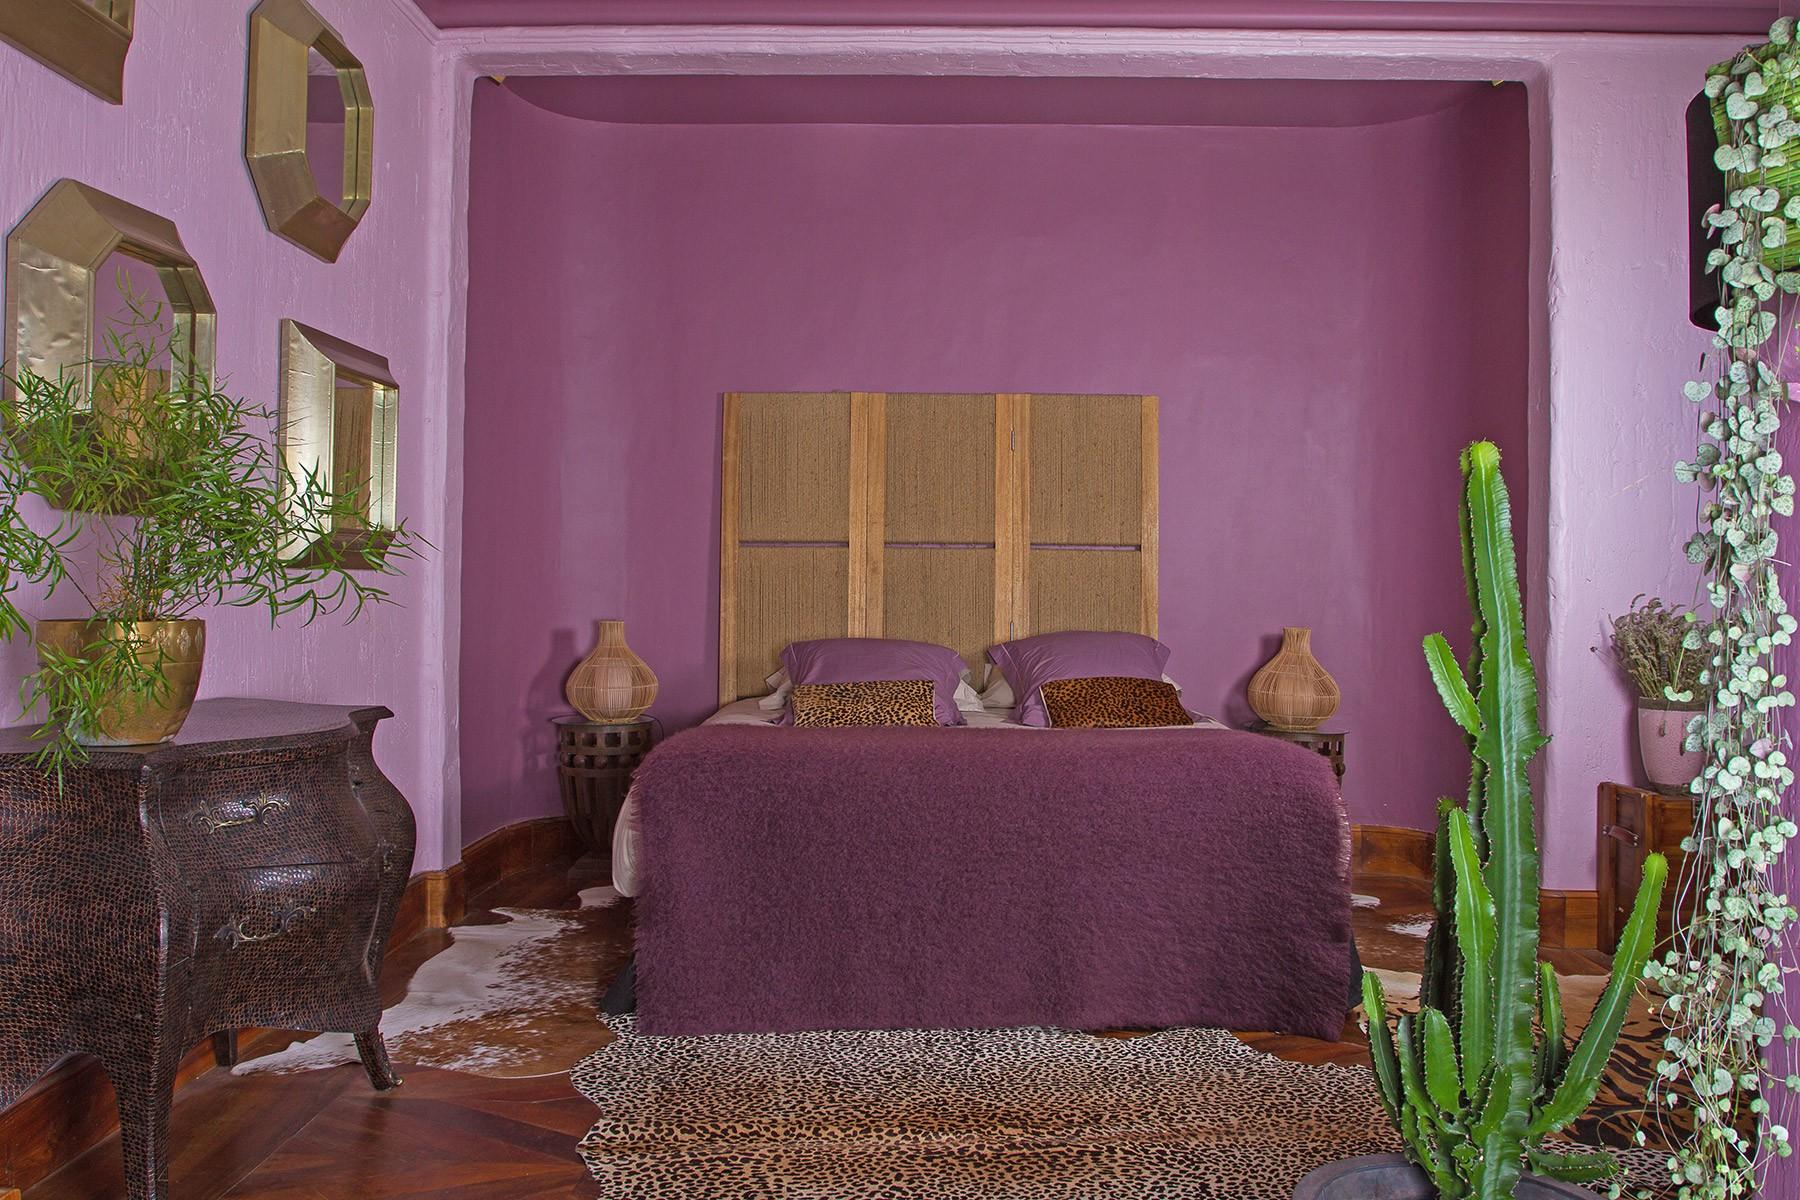 Chambres d 39 h tes de luxe ch teau du besset ard che for Hotel du collectionneur nombre de chambres